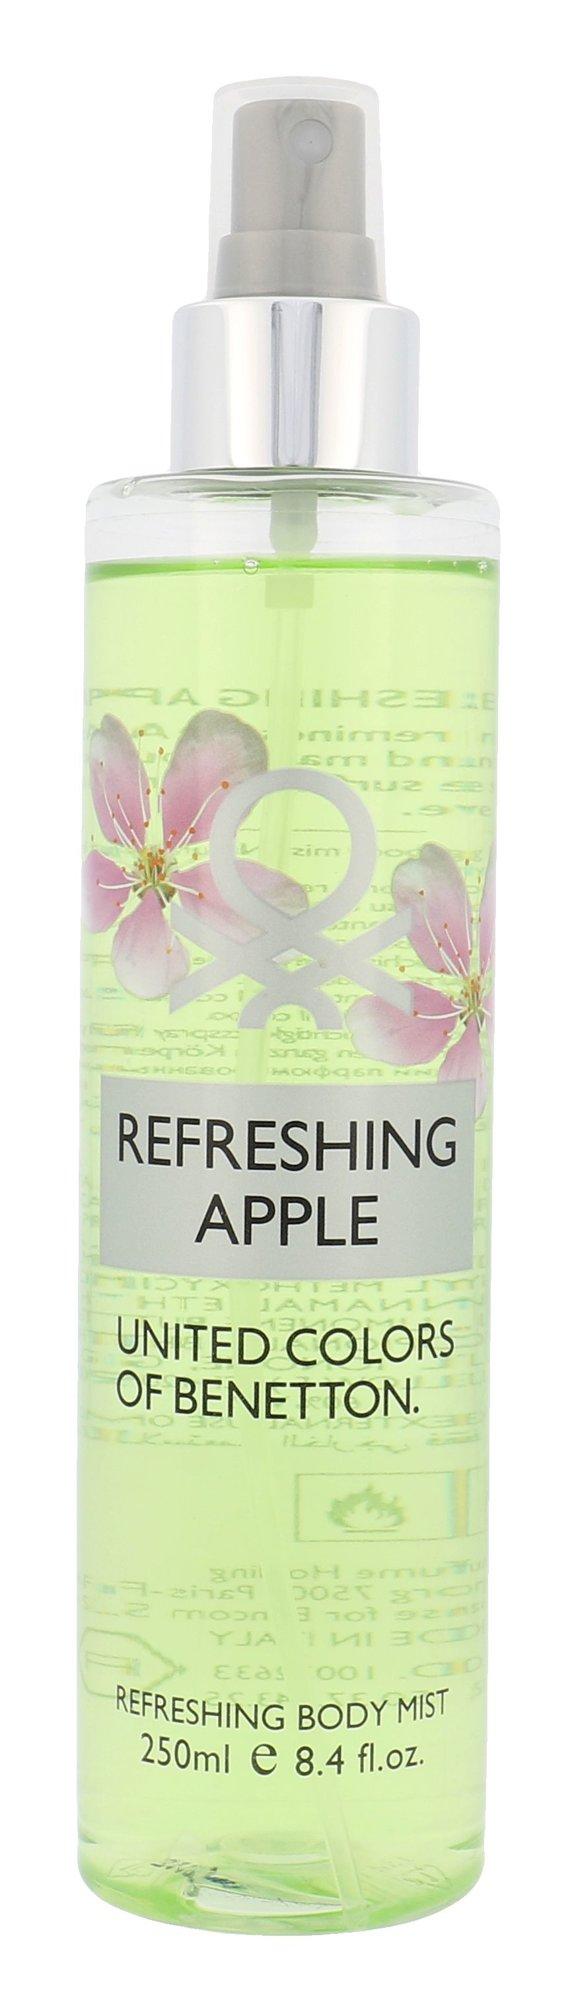 Benetton Refreshing Apple Body veil 250ml